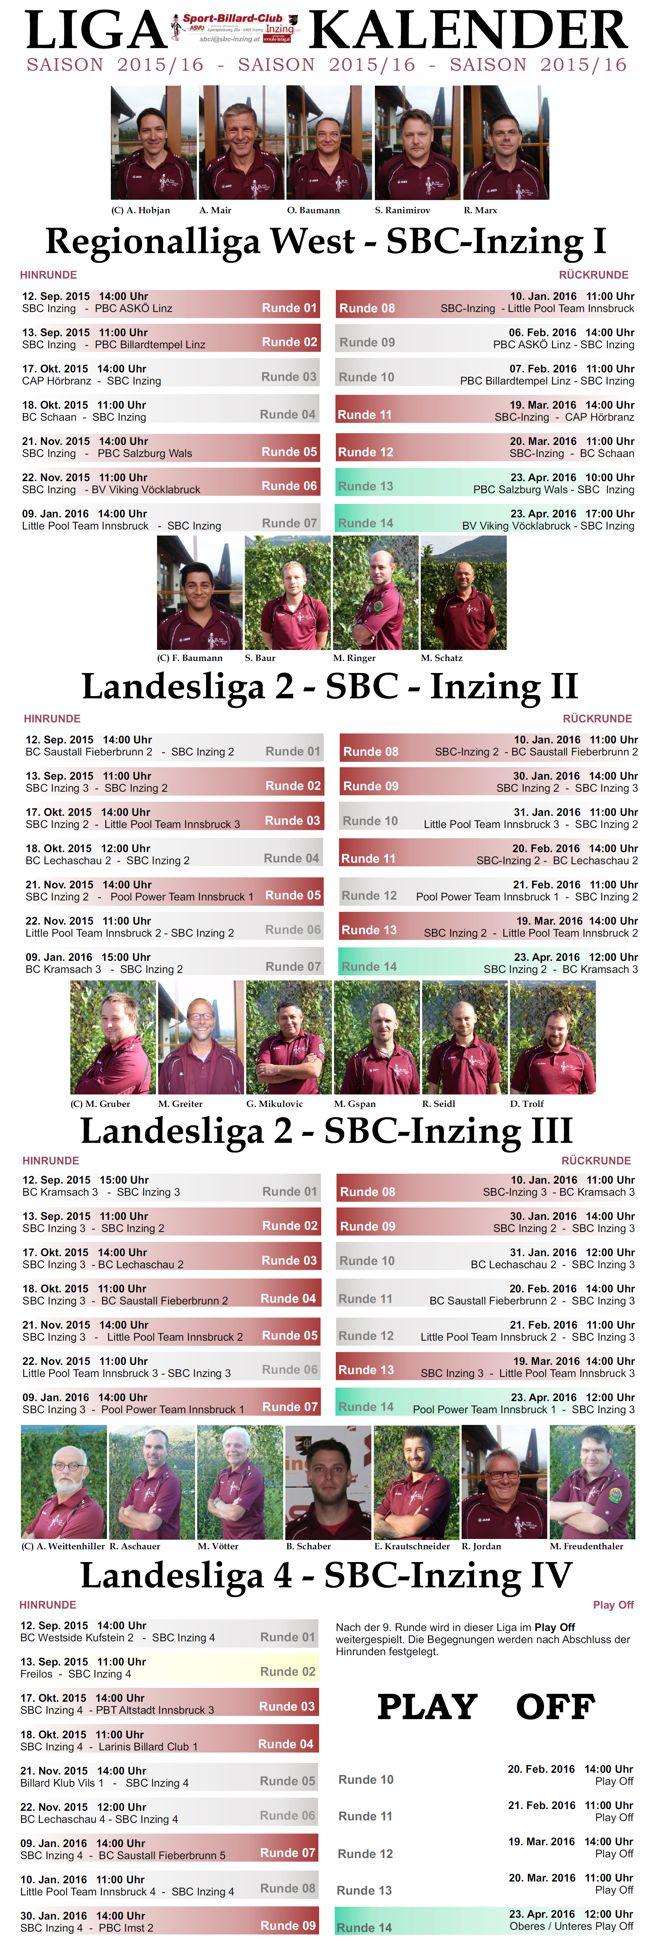 Ligakalender_2015_16